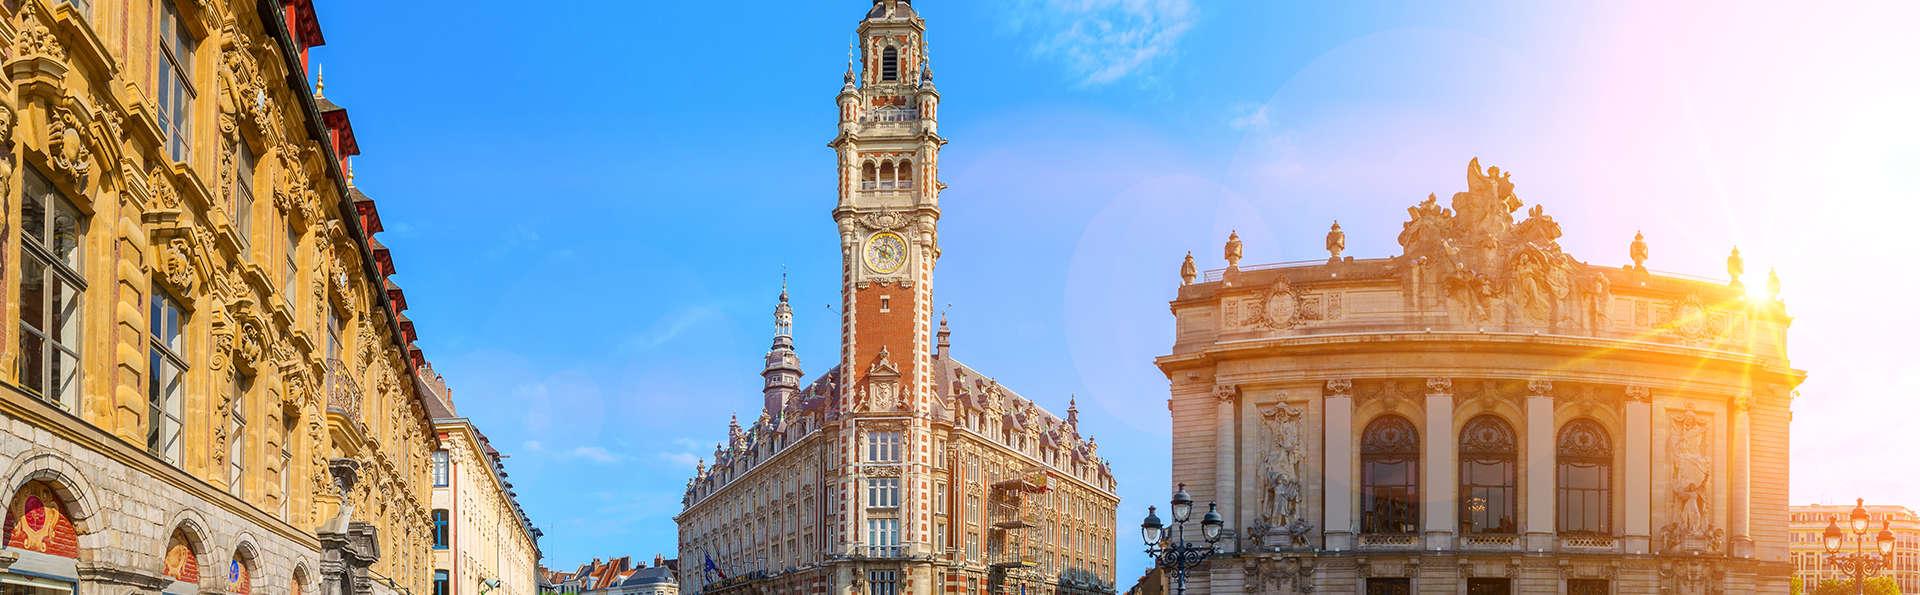 City-trip aux portes de Lille